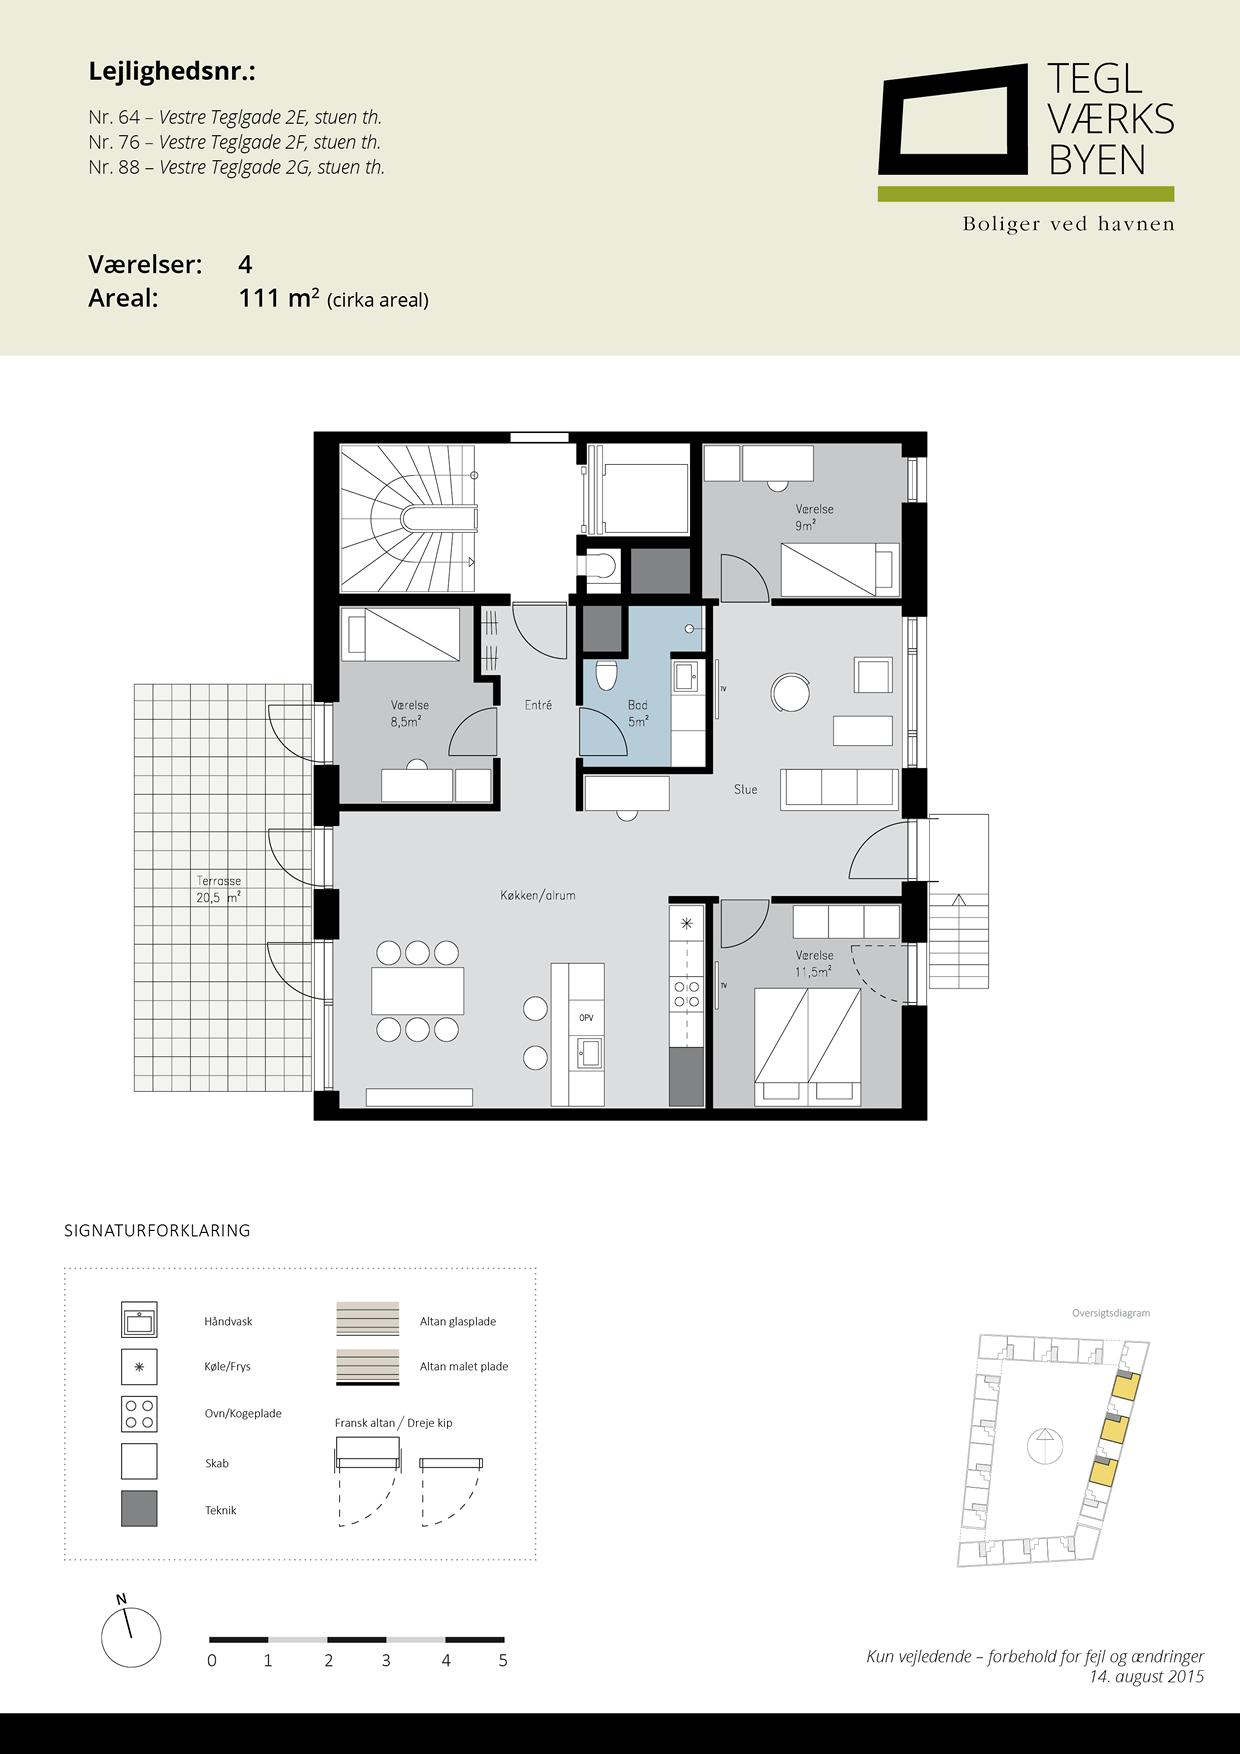 Teglvaerksbyen_64-76-88_plan